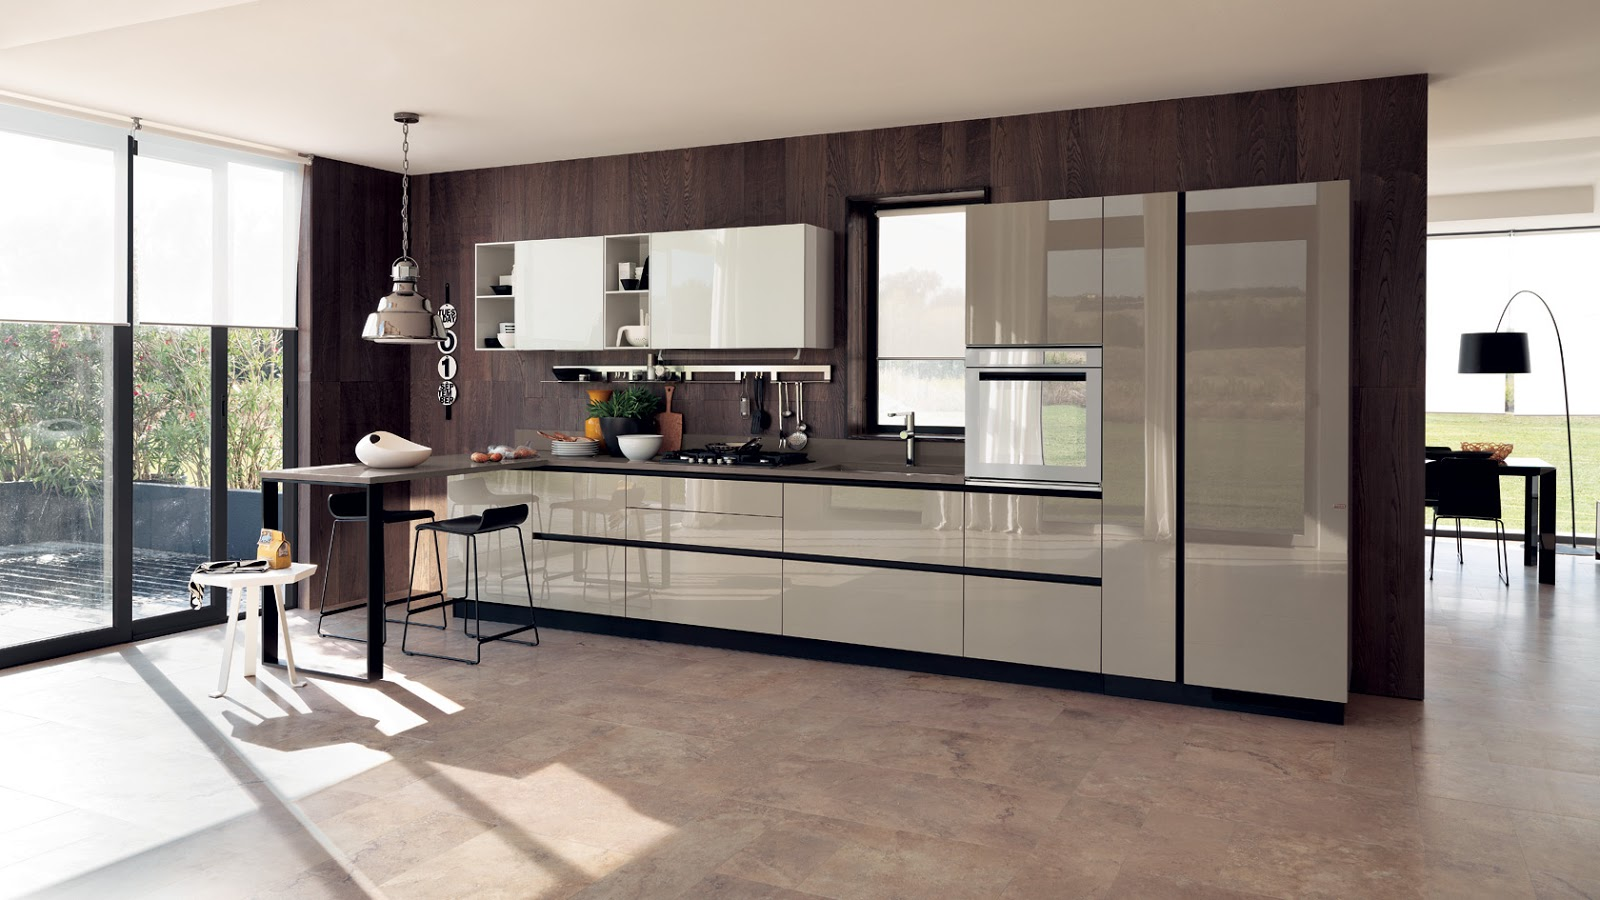 hermosos dise os de cocinas modernas colores en casa